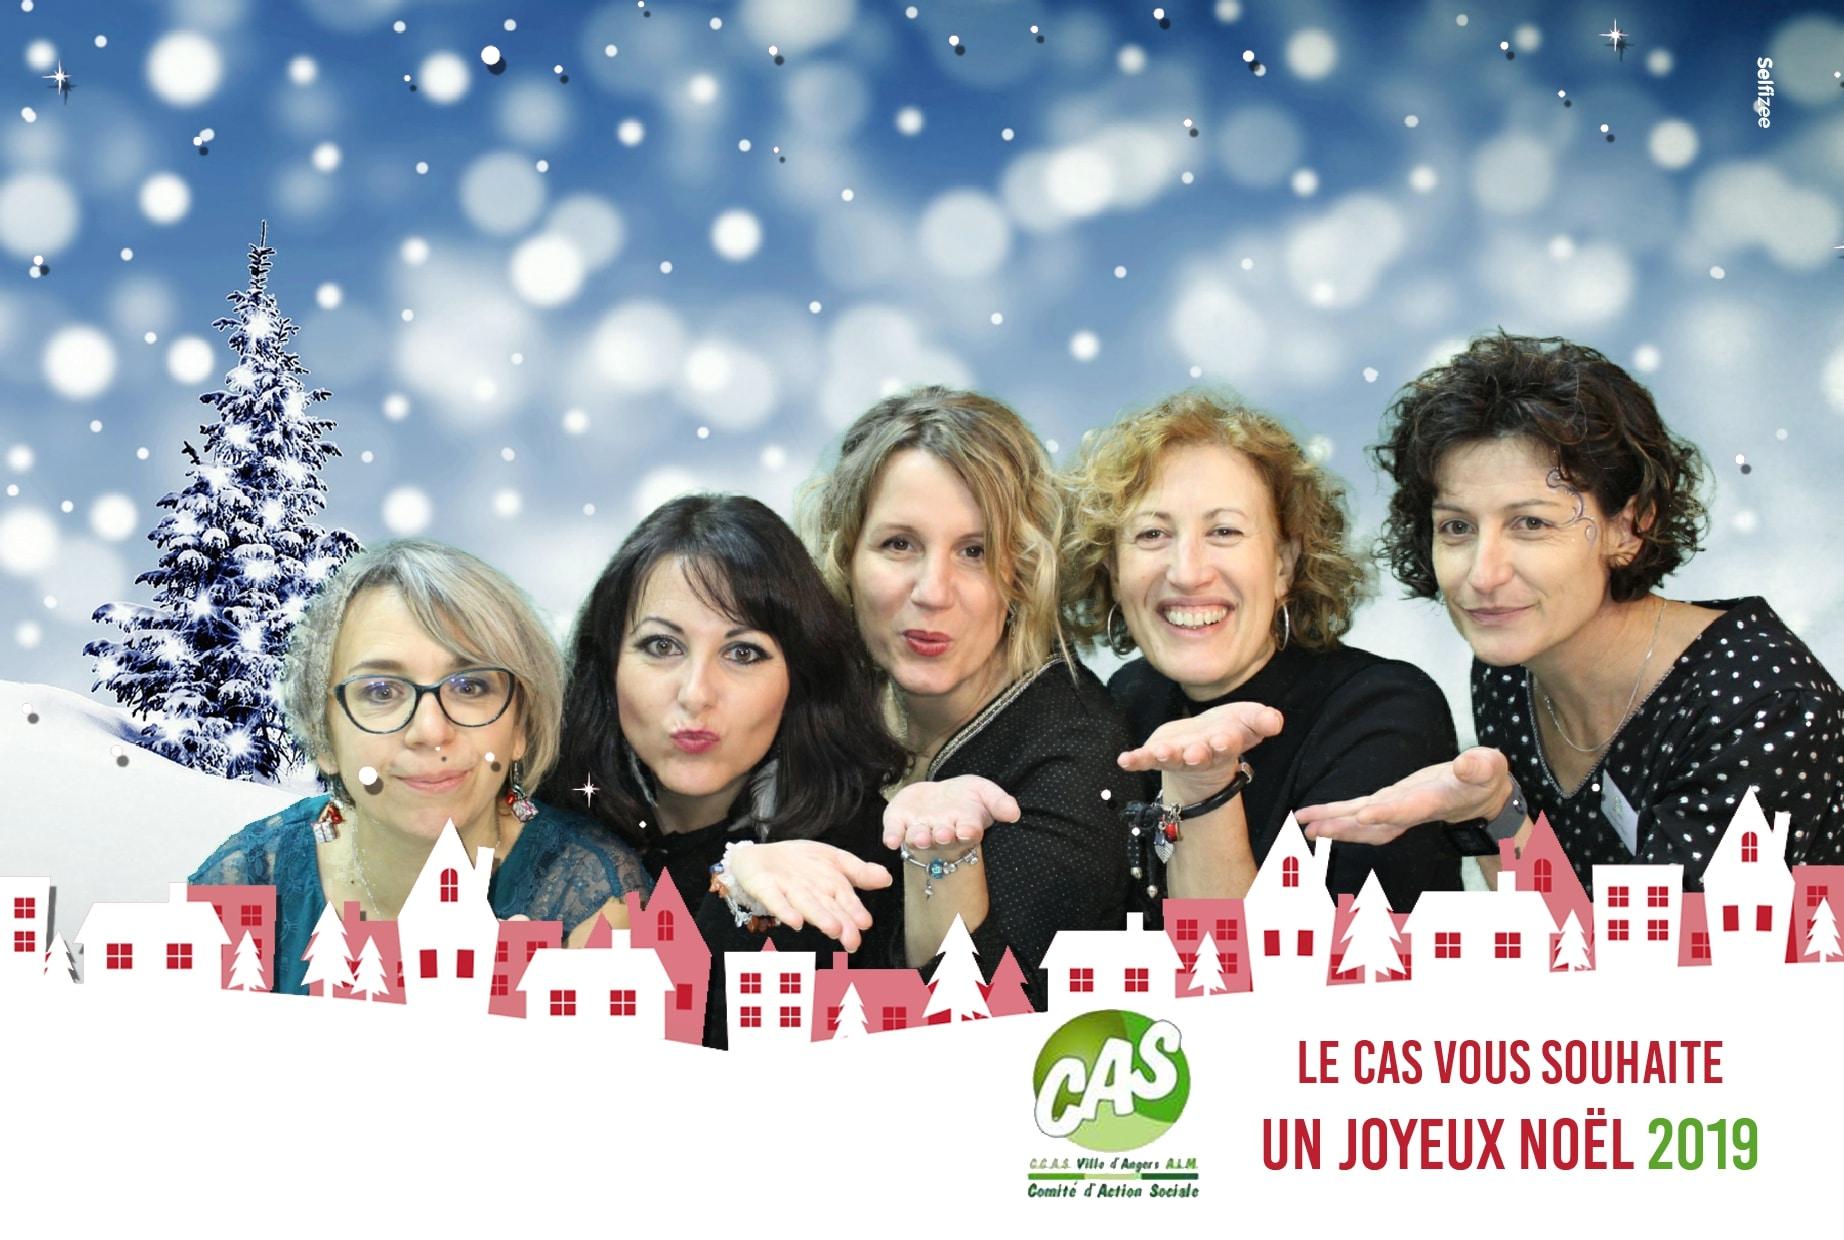 Animation photo Noël borne selfie et fond vert au CAS Angers avec photos personnalisées imprimées